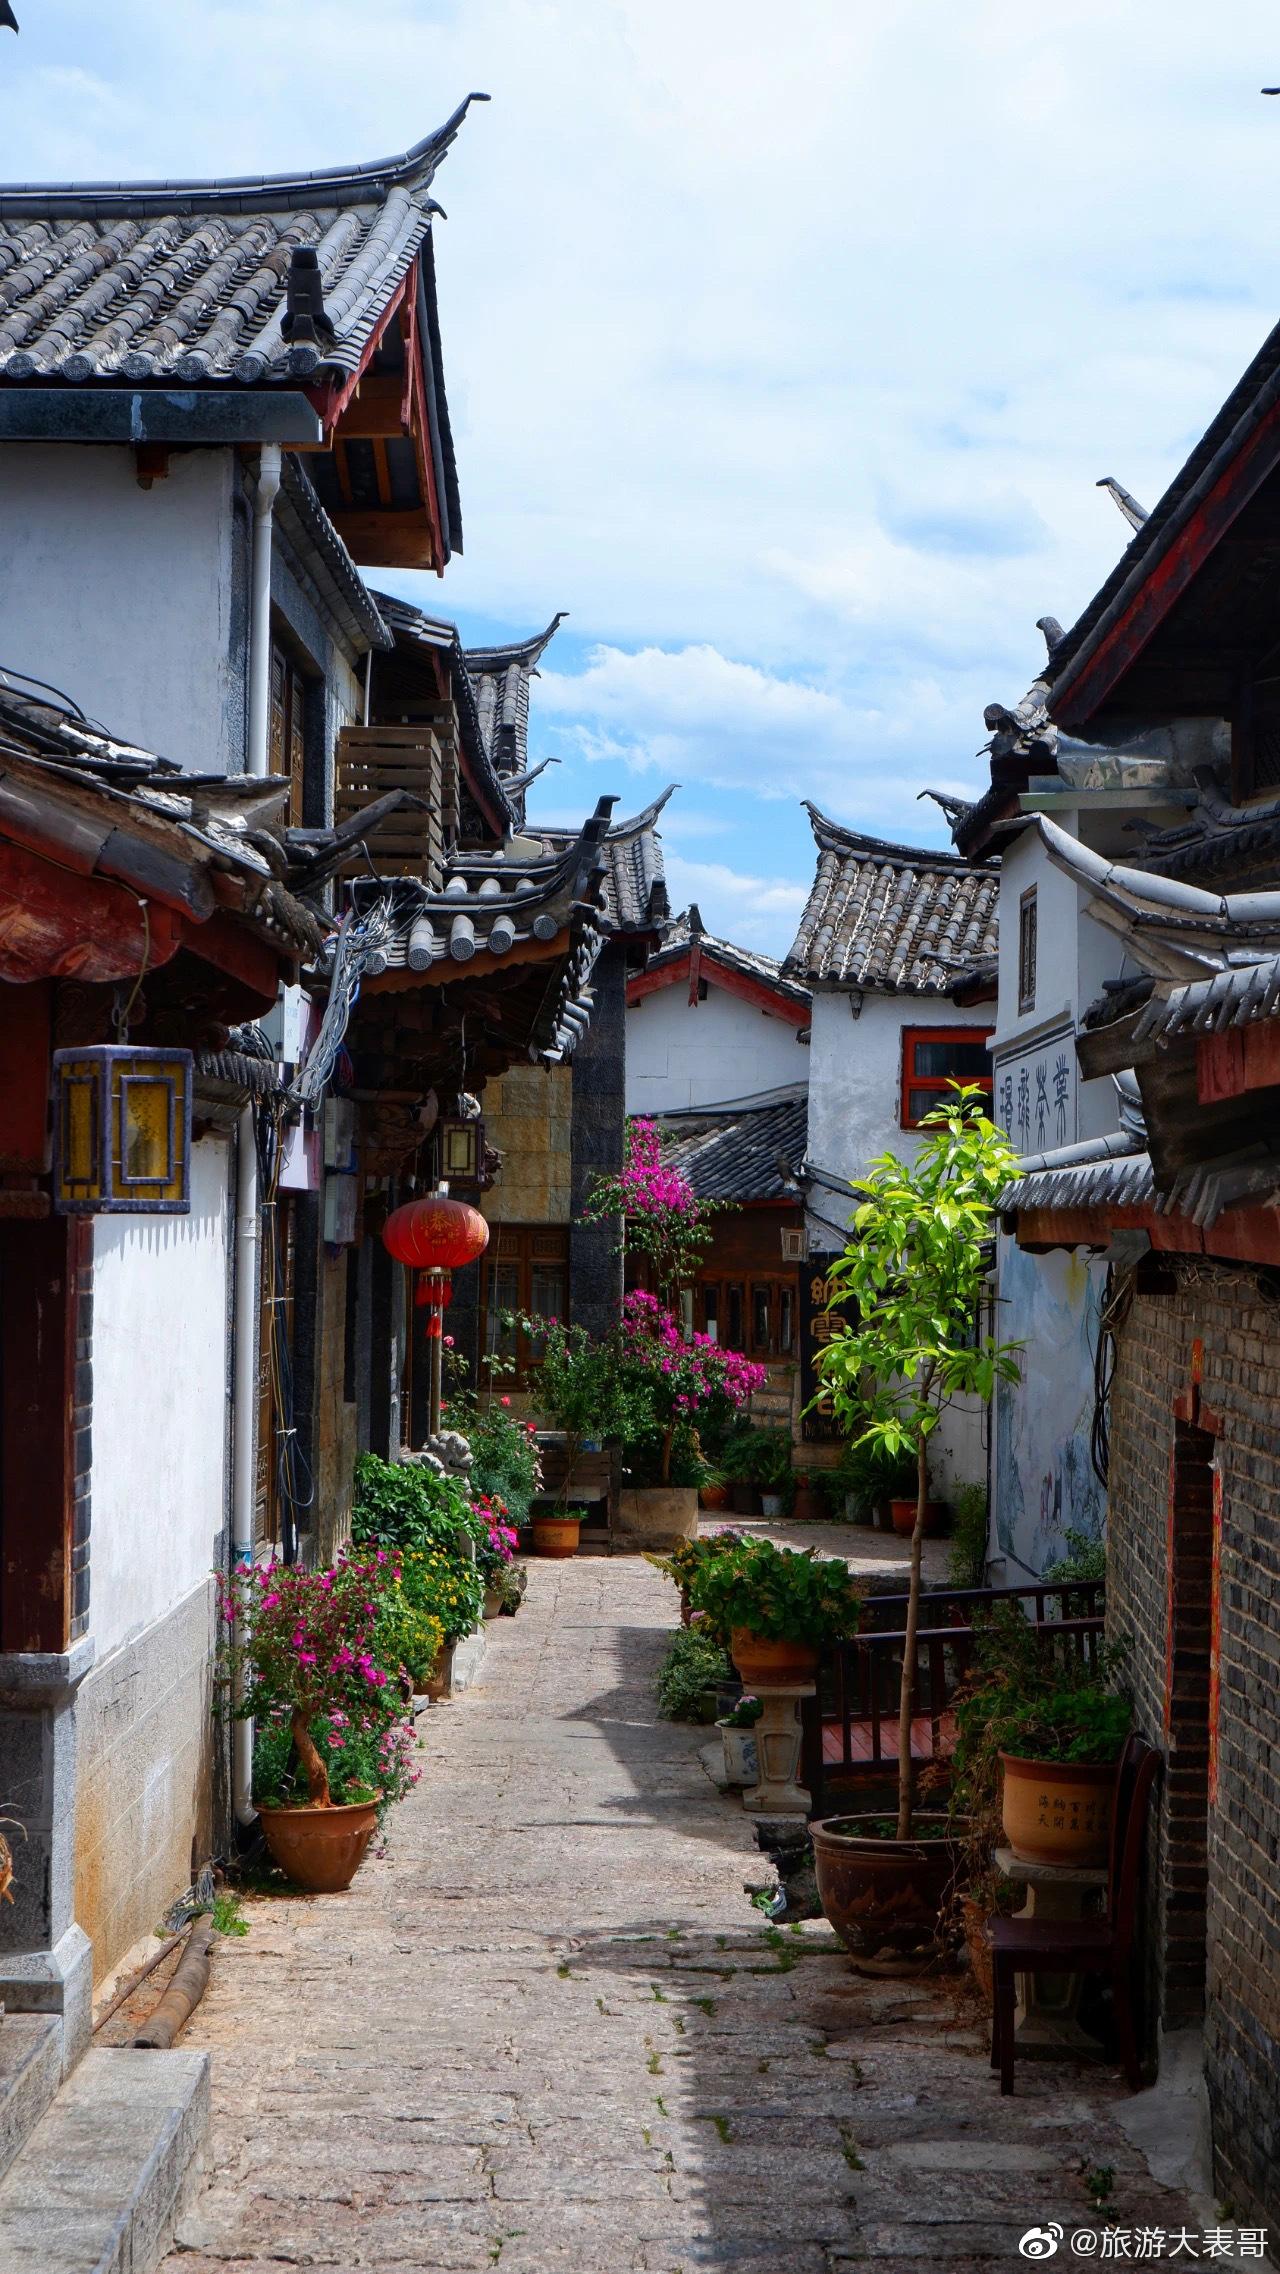 在丽江,每天早上睁开眼睛,就有四季青翠的山峦和温暖柔和的阳光